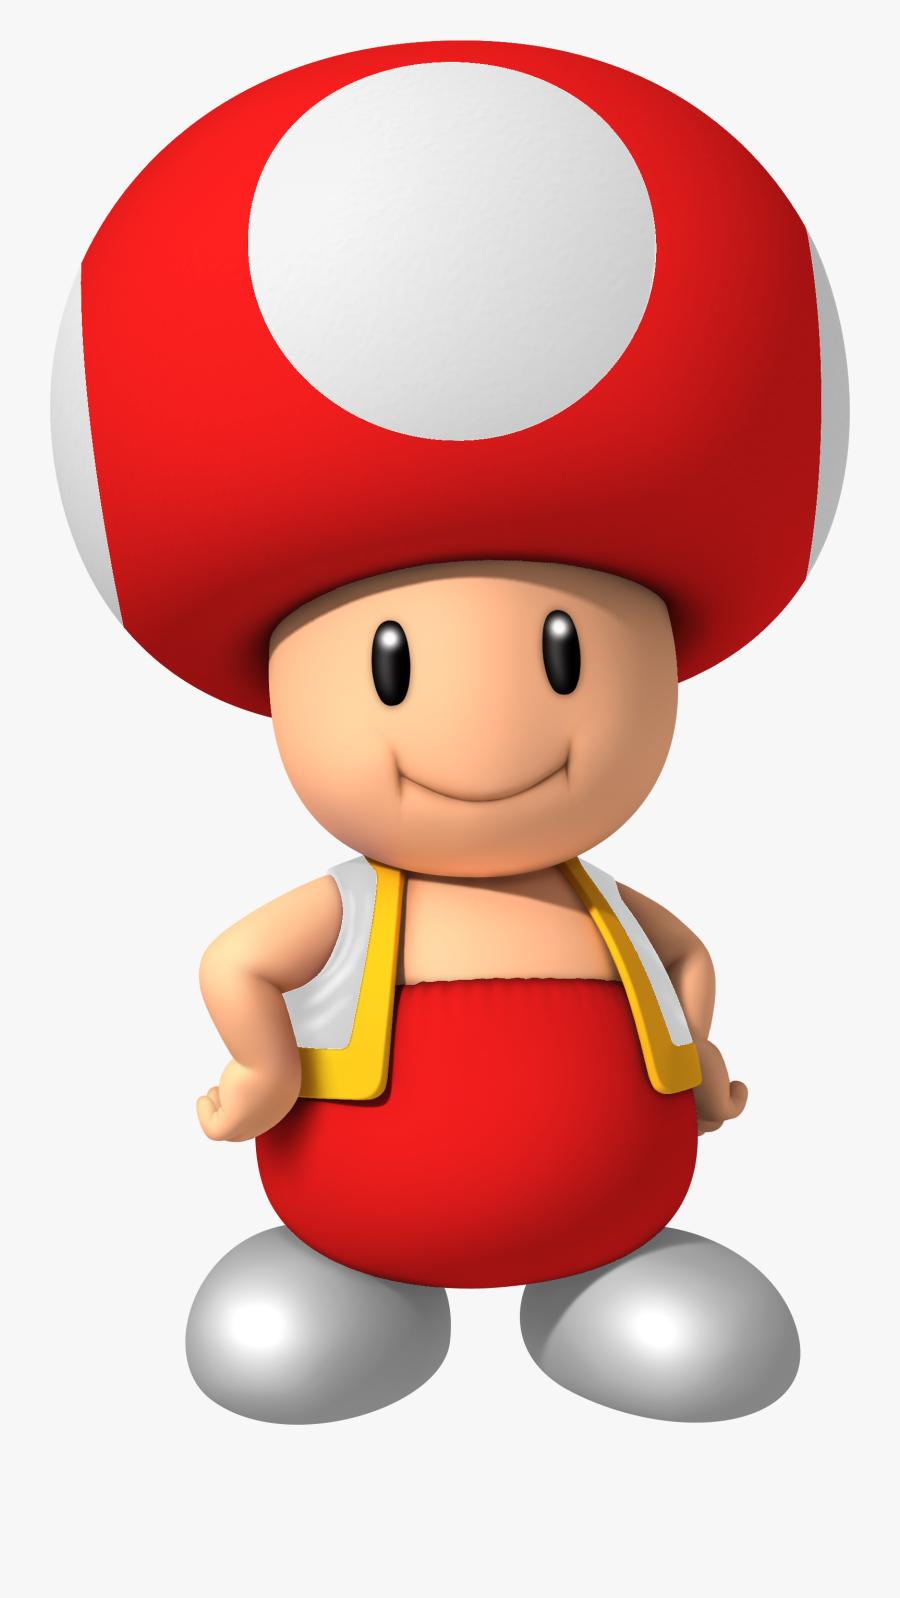 Super Mario Mushroom Png - Fire Toad Super Mario Bros, Transparent Clipart